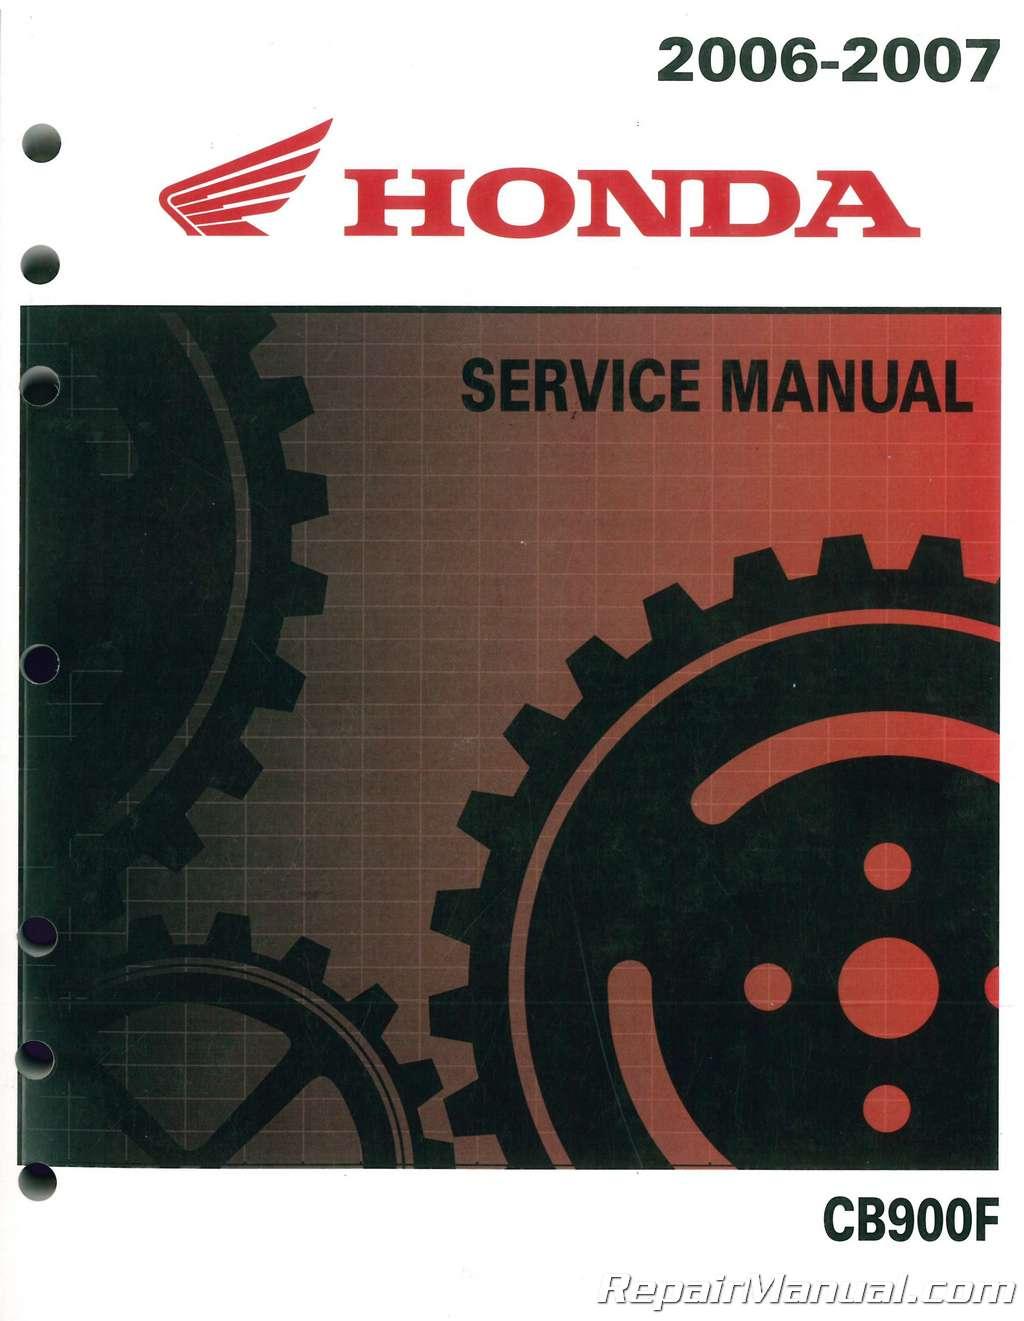 2002-2007 honda cb900f / 919